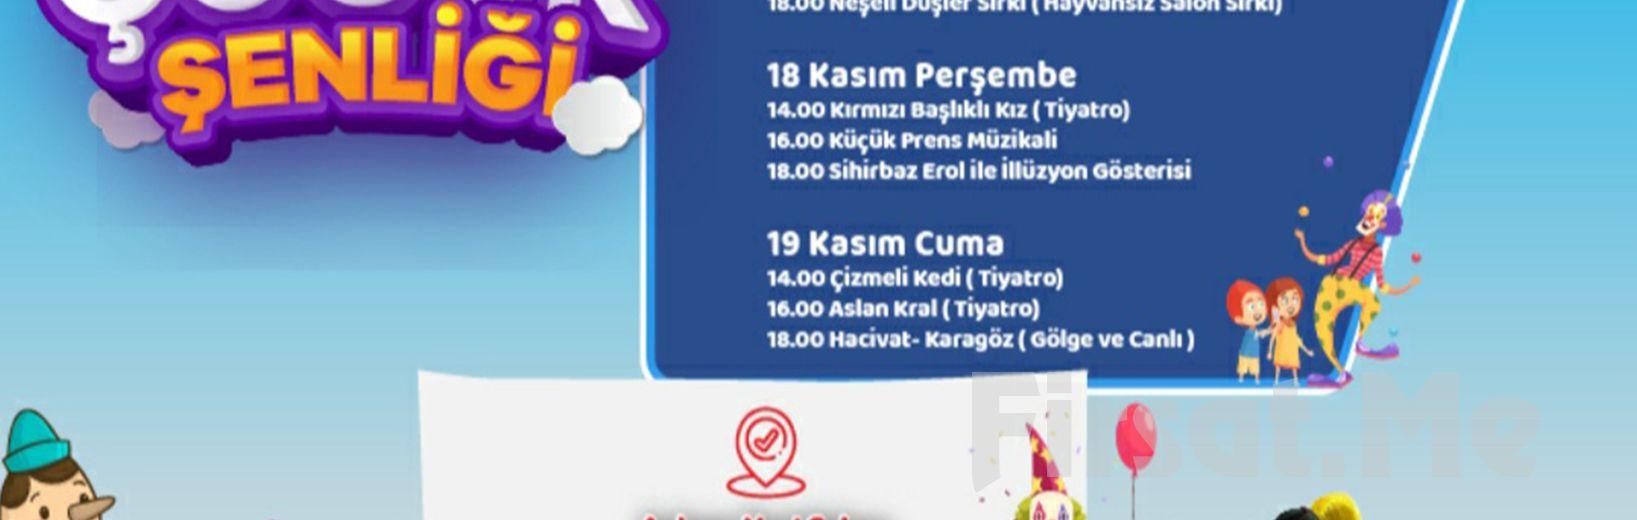 Ankara Yeni Sahne'de Başkent Çocuk Şenliği Seans, Günlük ve Kombine Biletleri